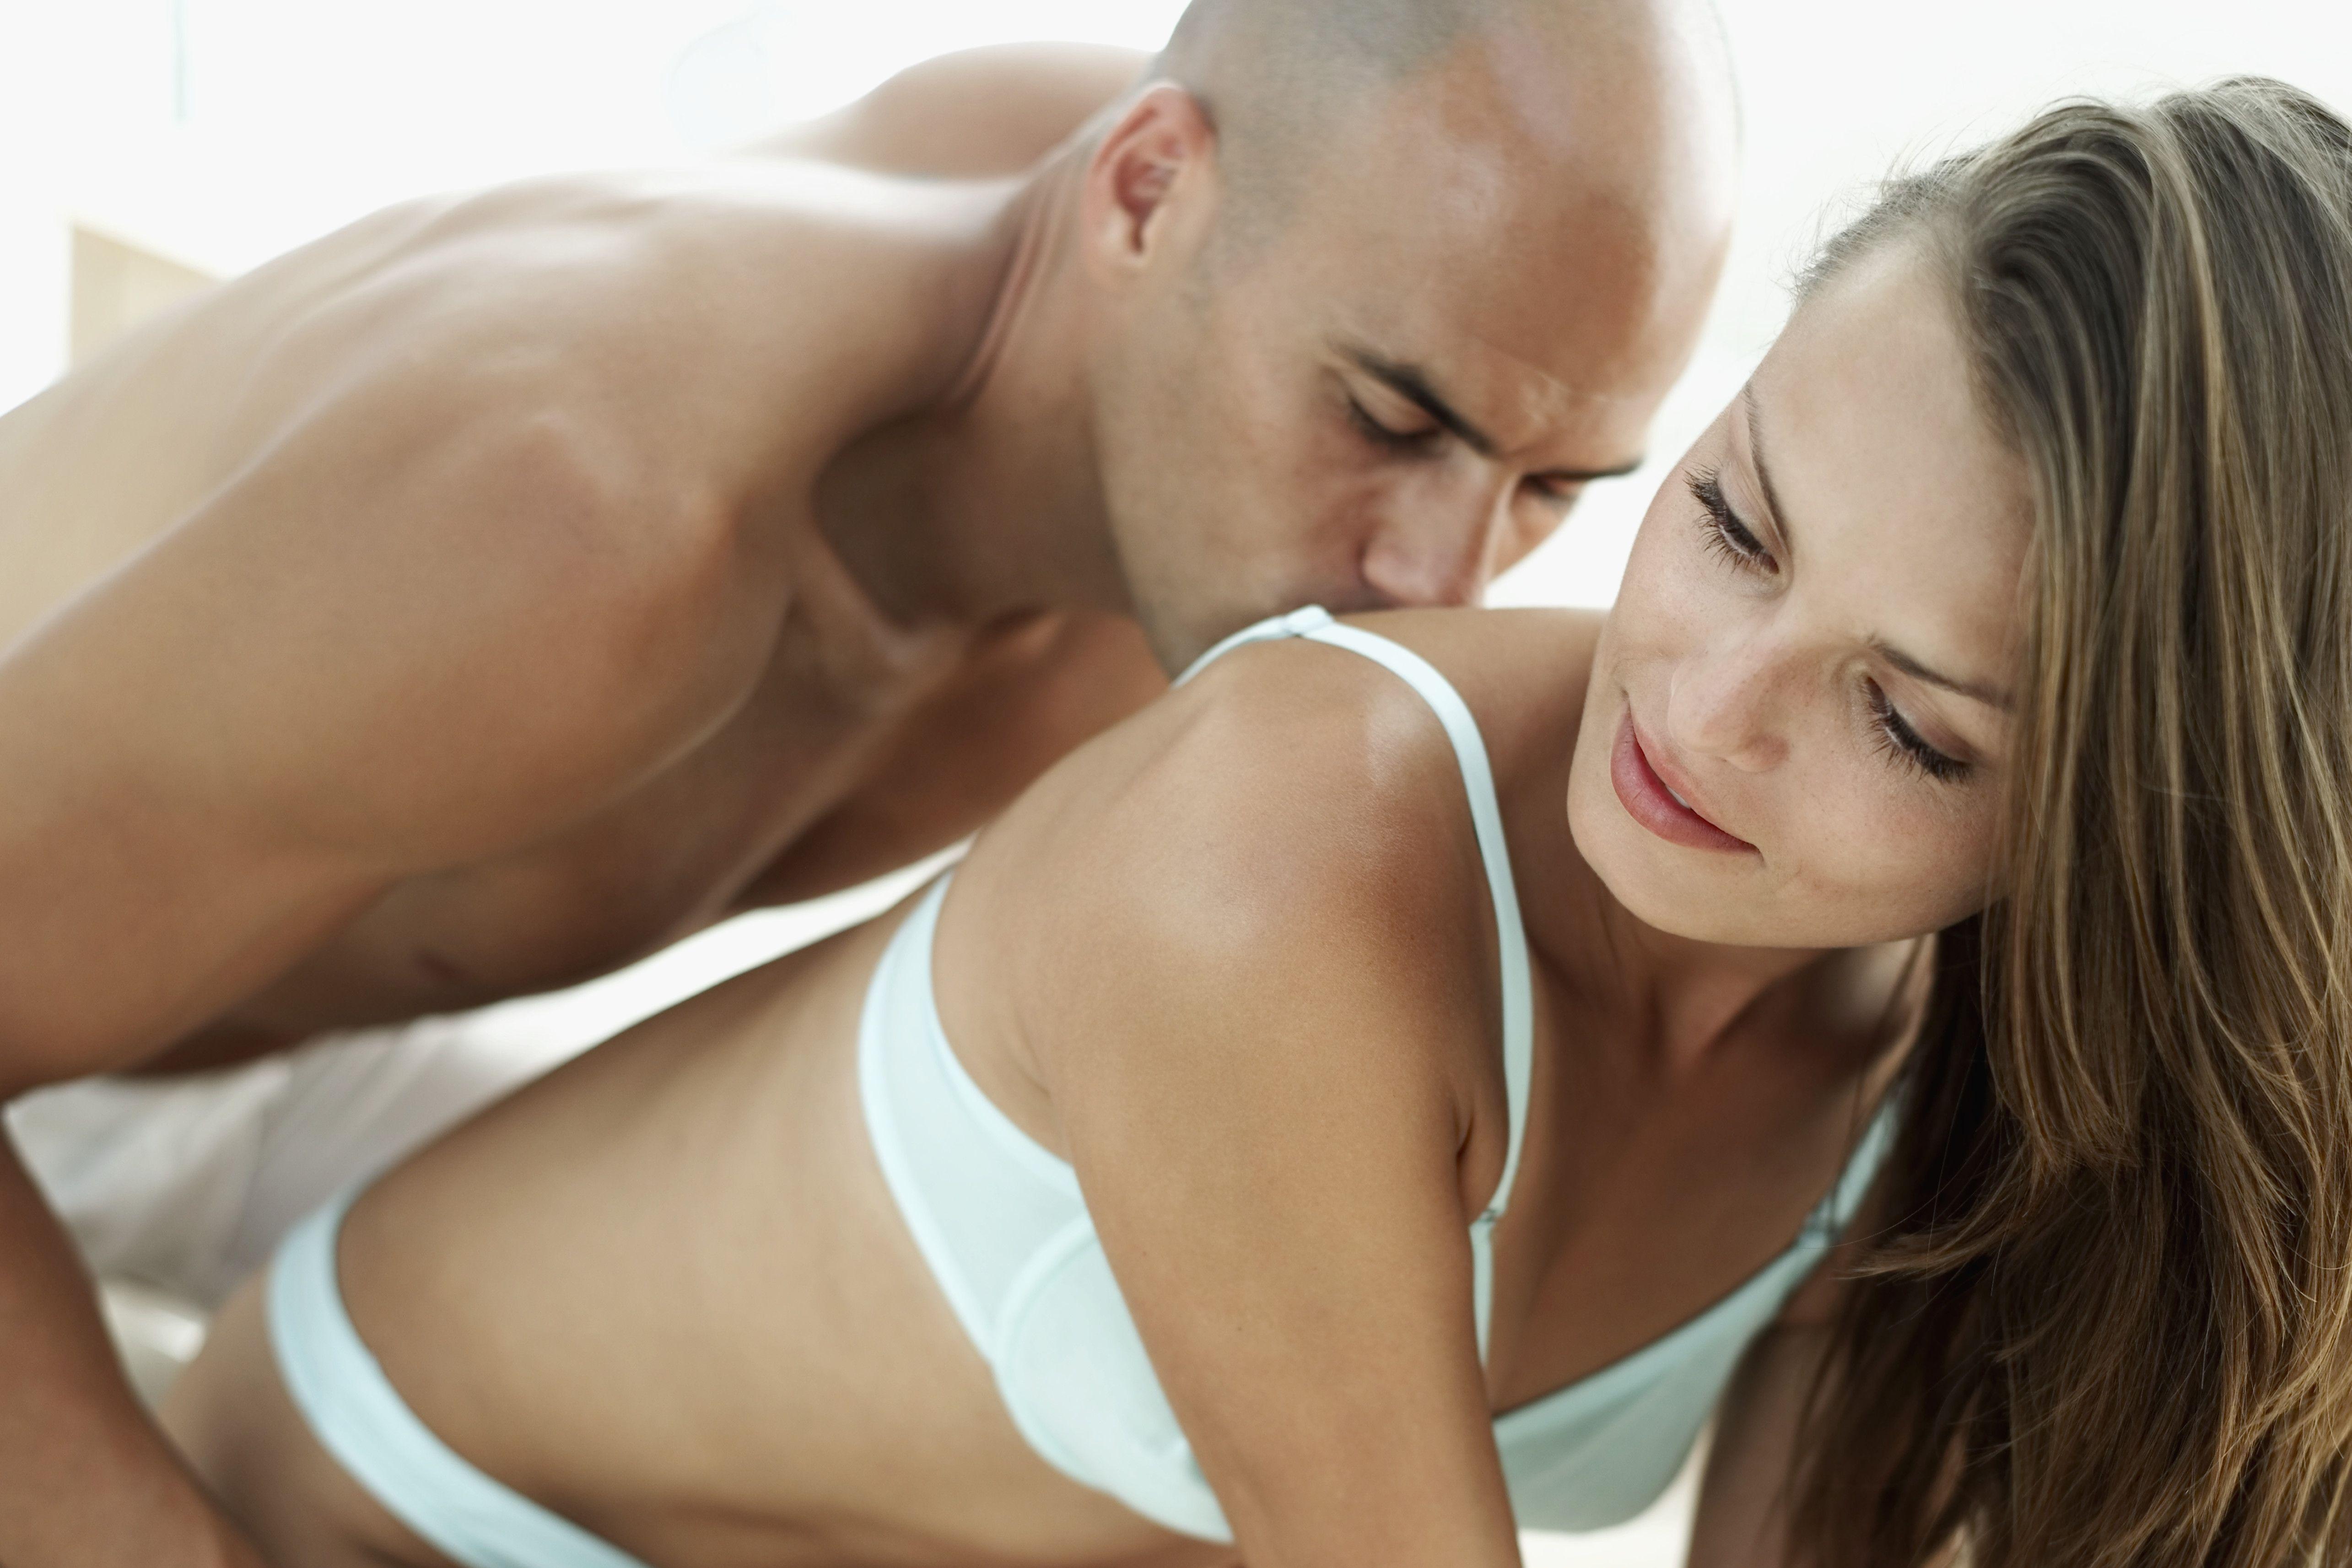 Мужик испытал анальный оргазм, домашнее порно фото женщин города красноярск